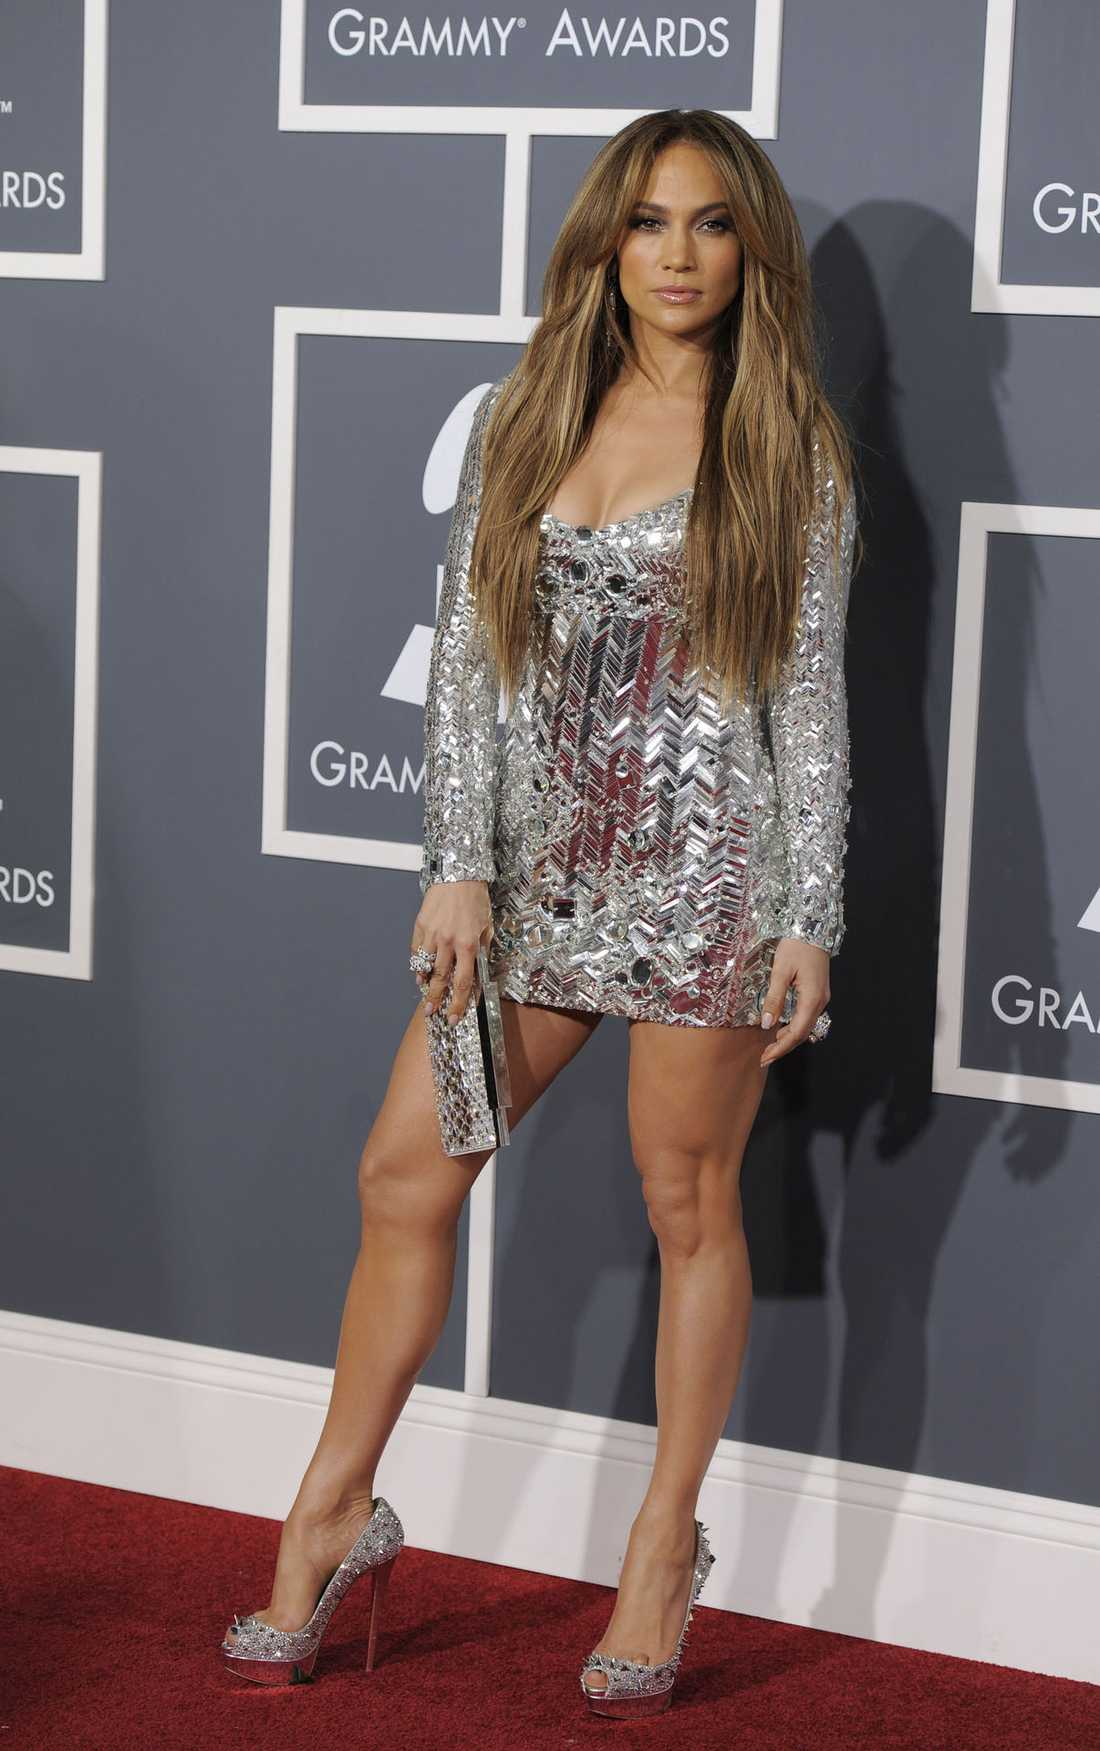 Kurvigt var det här. Jennifer Lopez visar upp sina vackra delar för fotograferna, klänning från Emilio Pucci.